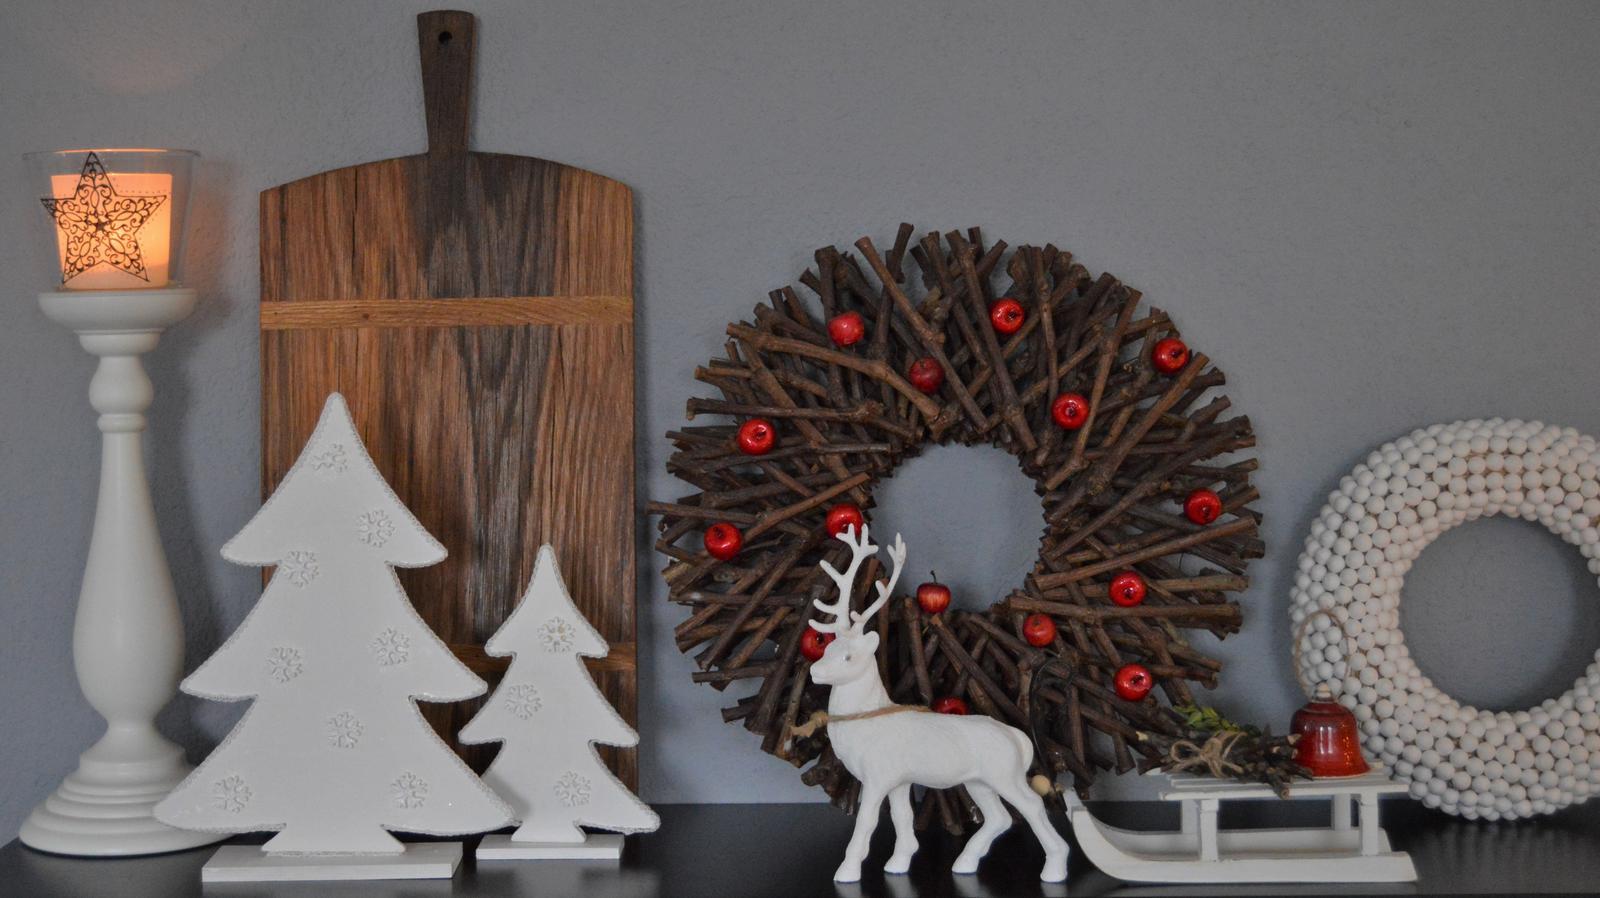 Vianočný čas u nás... - Obrázok č. 11